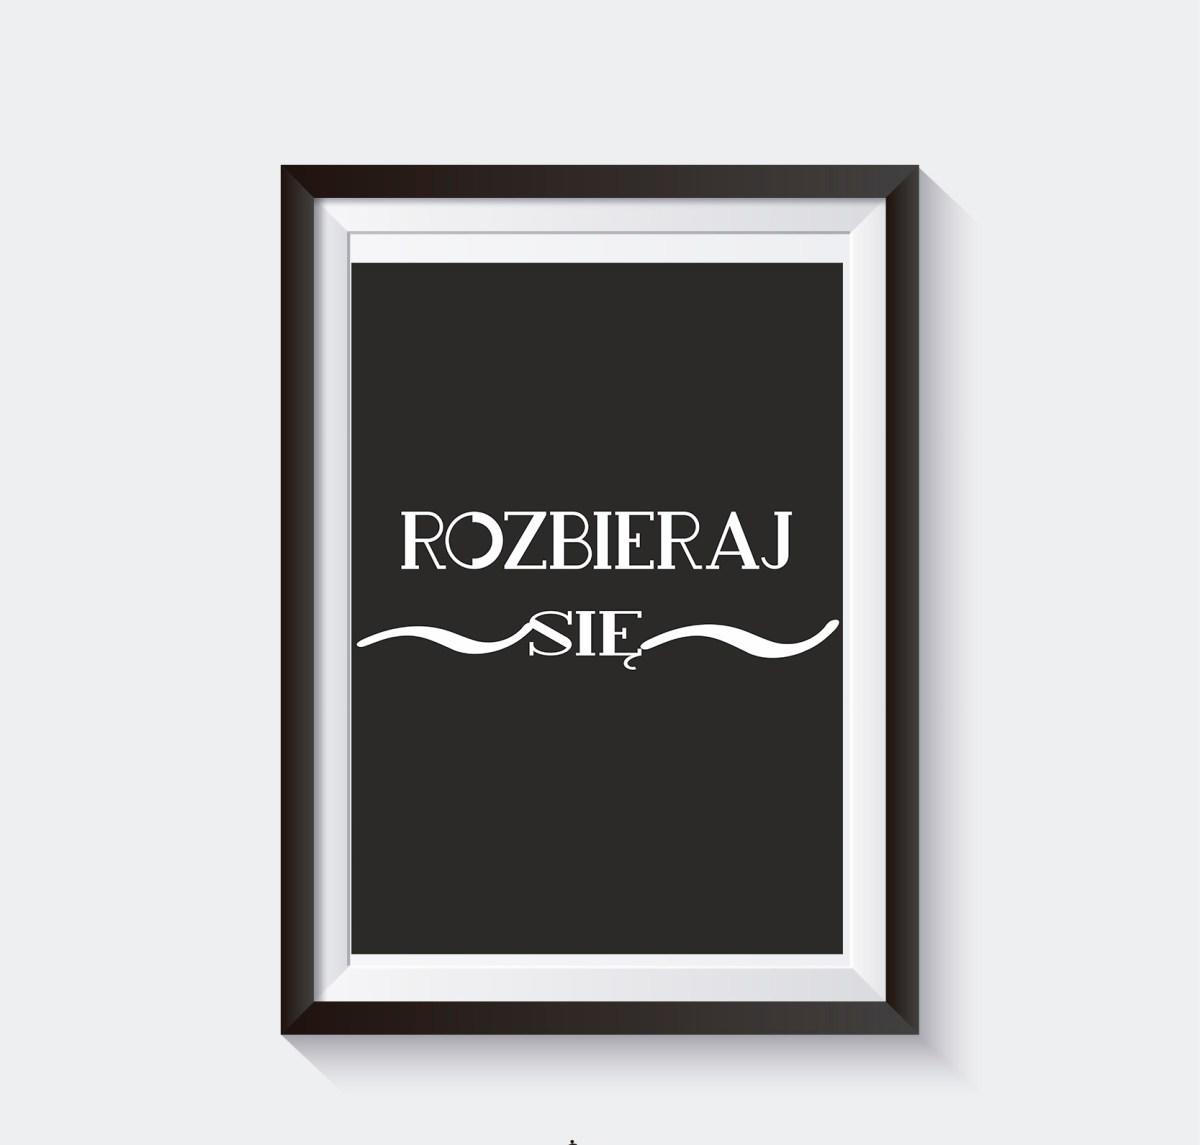 Piękny czarny plakat do łazienki z cytatem Rozbieraj się